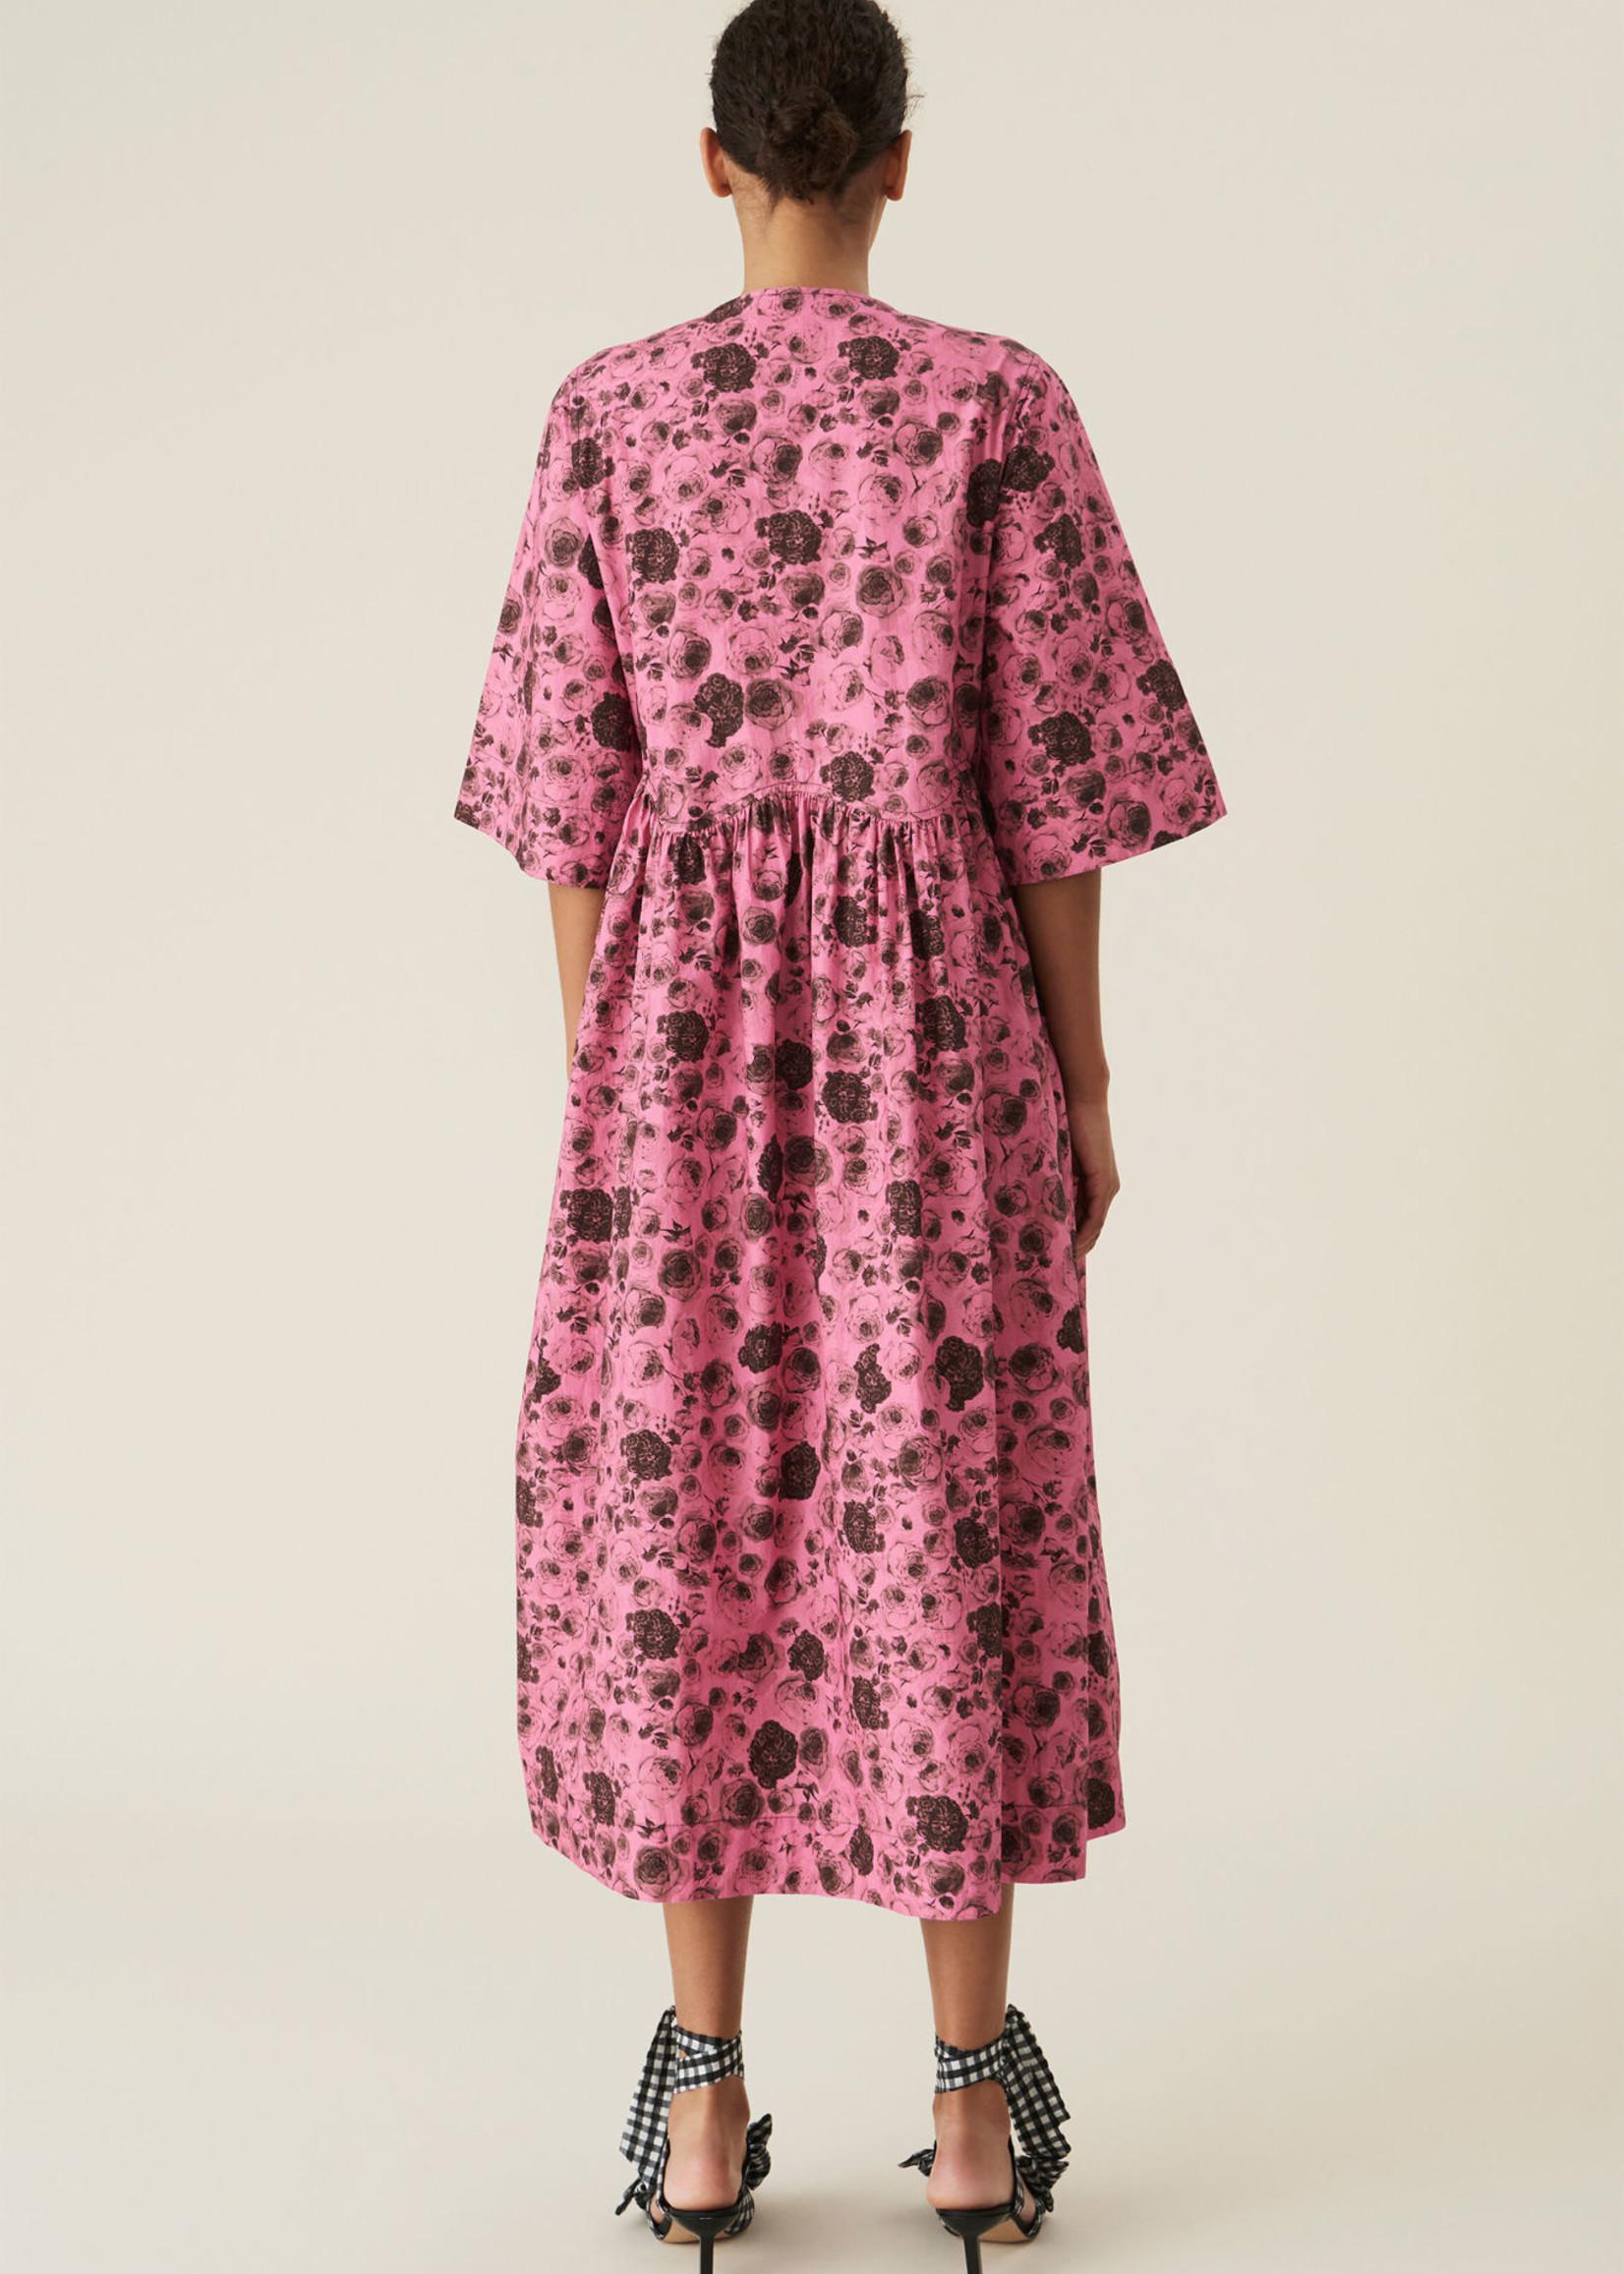 GANNI GANNI Oversize Wrap Dress in Pink Floral